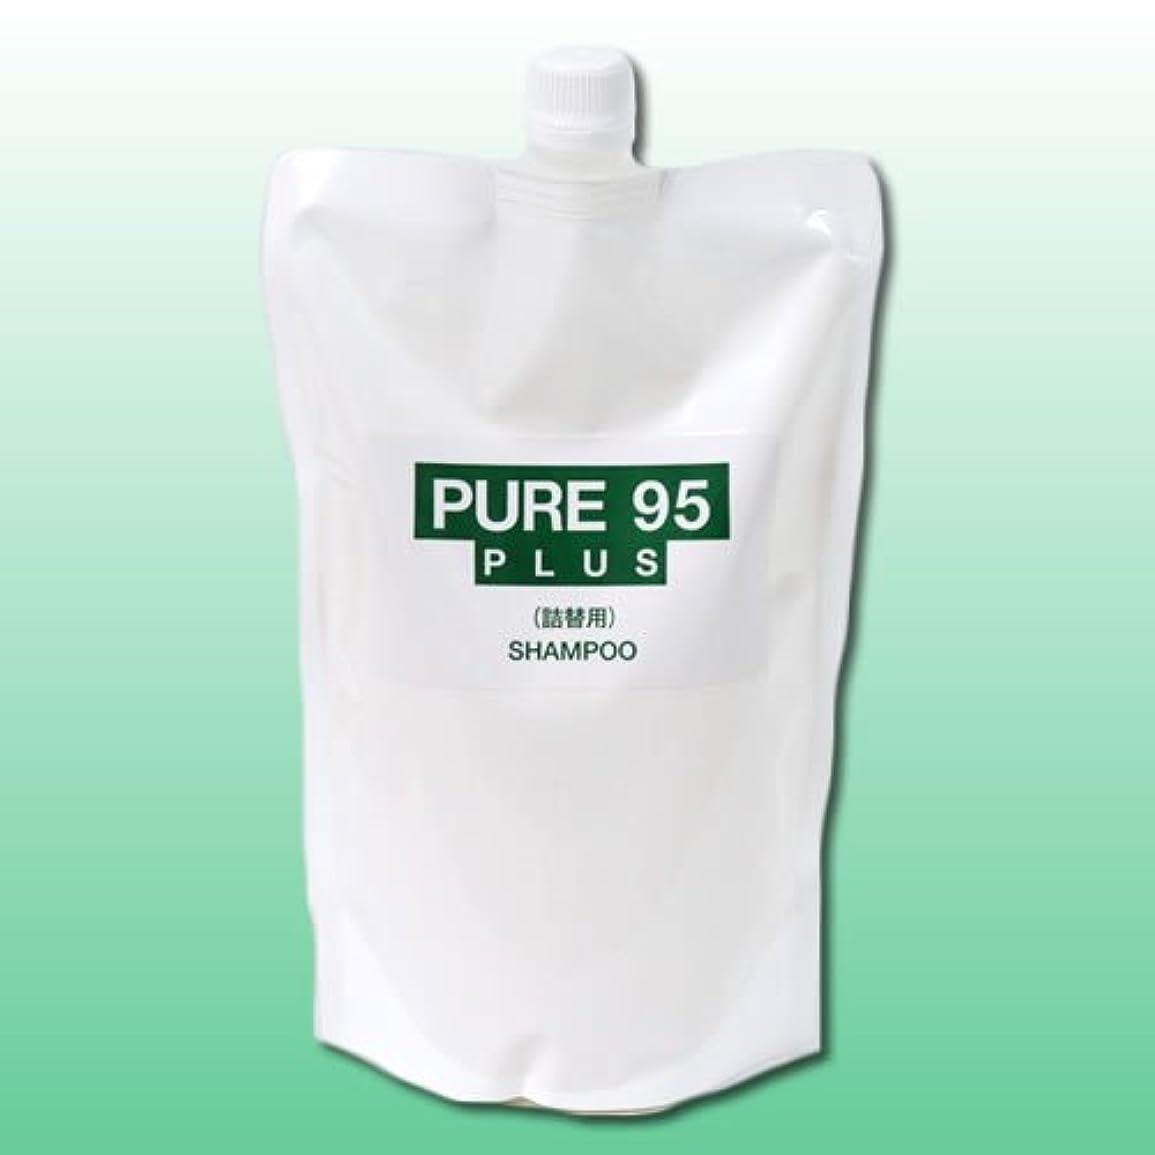 いろいろブルーベル花輪パーミングジャパン PURE95(ピュア95) プラスシャンプー 700ml (草原の香り) 詰替用